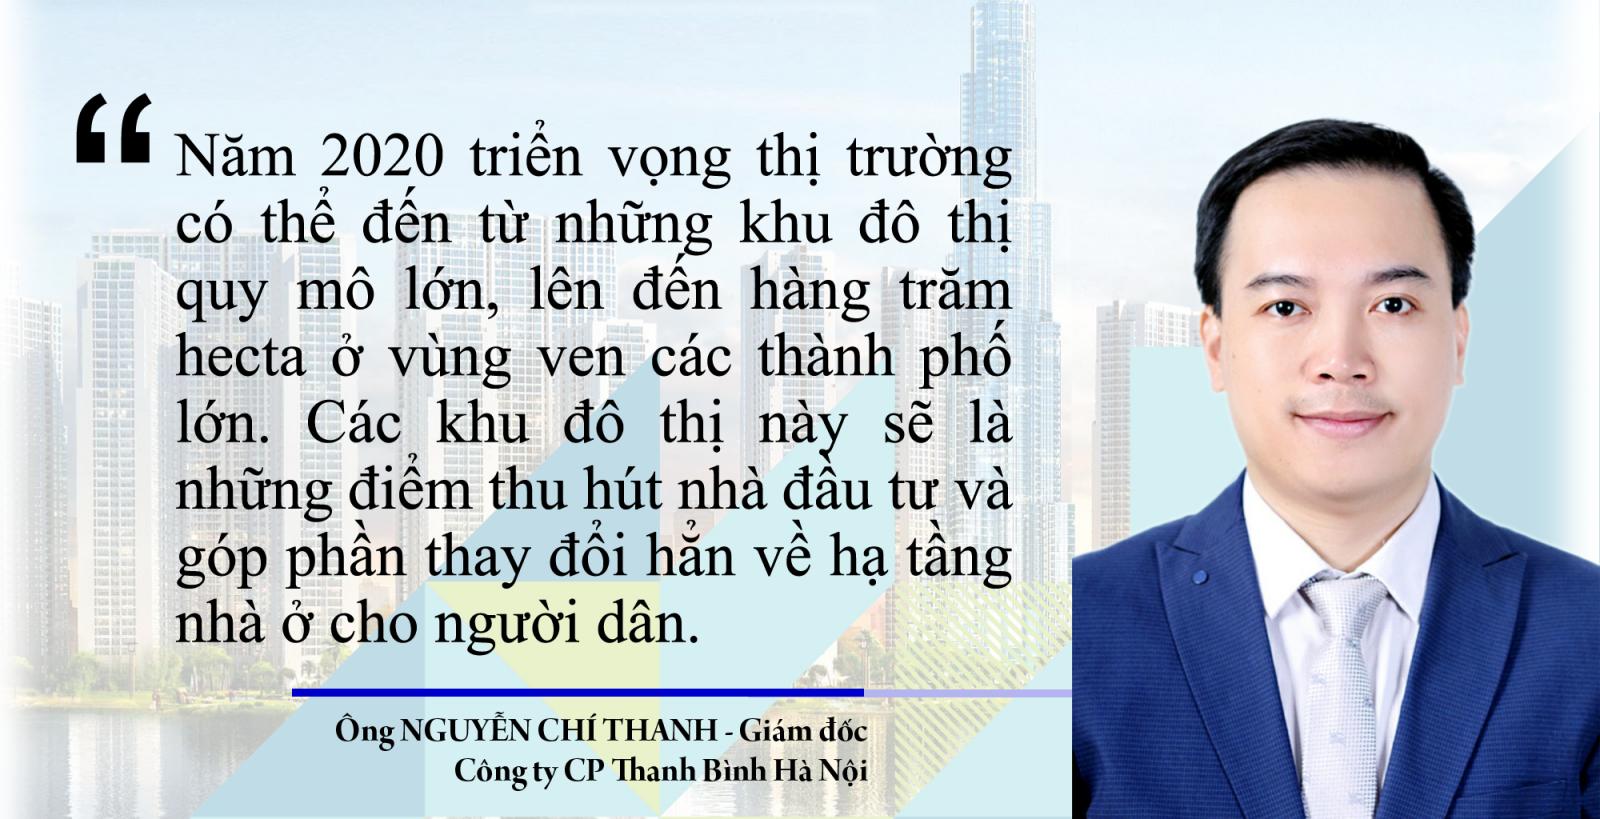 Chân dung người đàn ông trẻ mặc vest xanh đang cười mỉm.  Dự cảm thị trường BĐS năm 2020 (Kỳ 1): Góc nhìn tích cực từ doanh nghiệp 20200110095636 575f